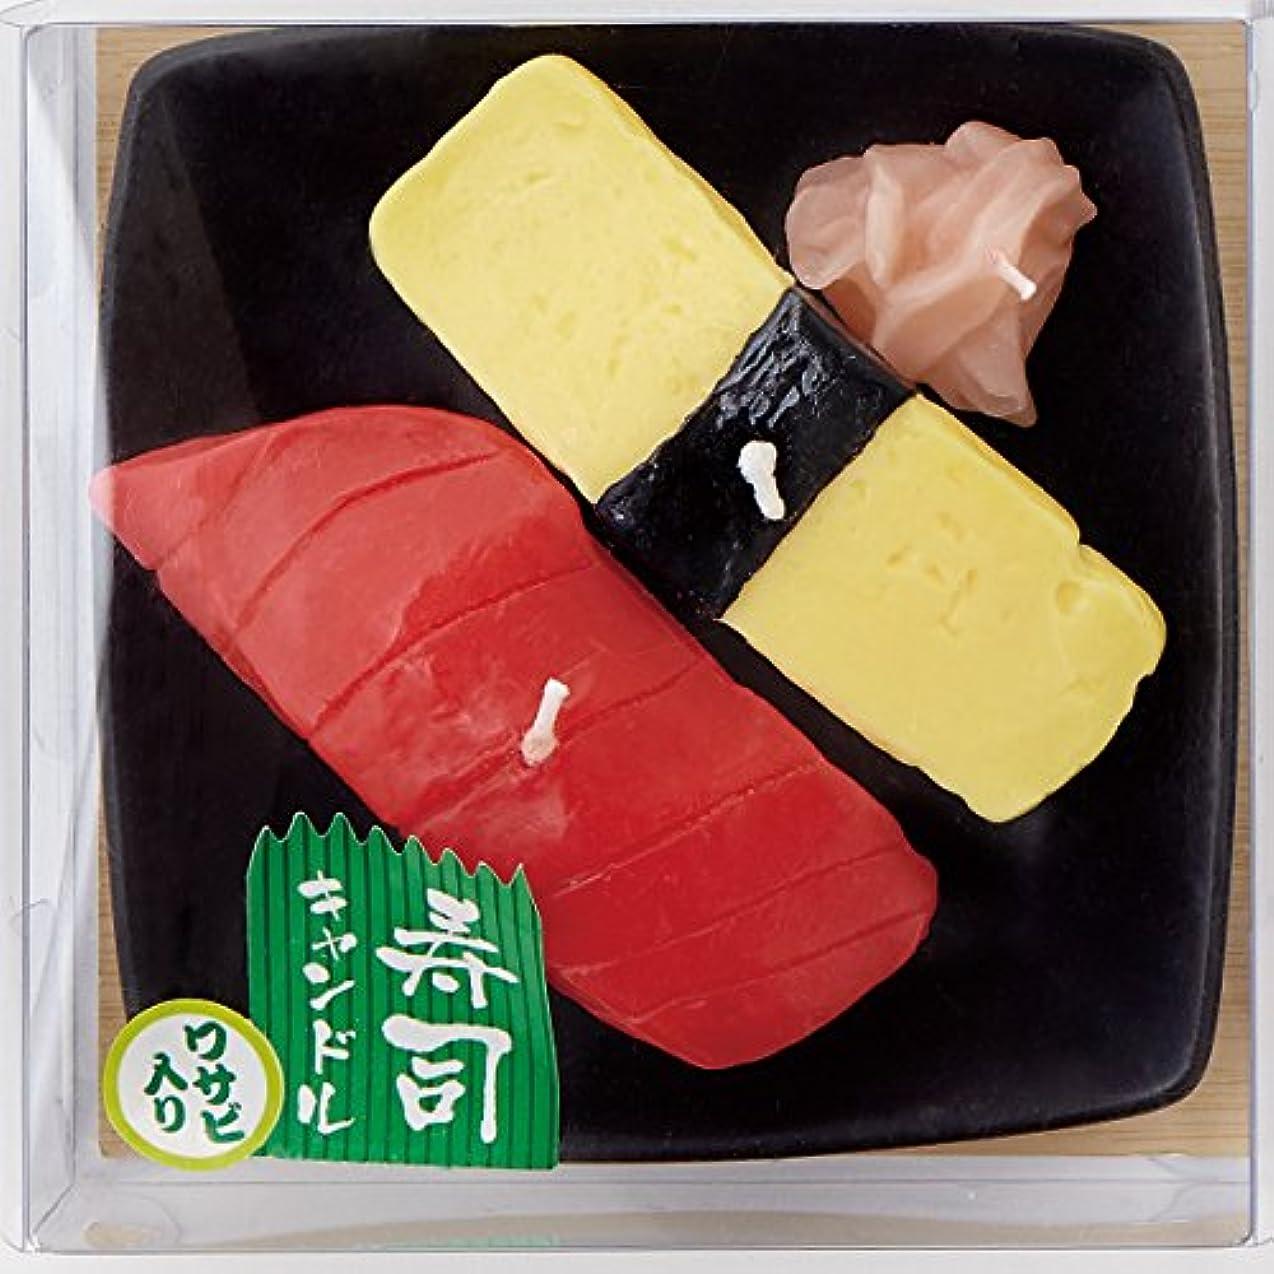 再集計農業お客様寿司キャンドル A(マグロ?玉子) サビ入